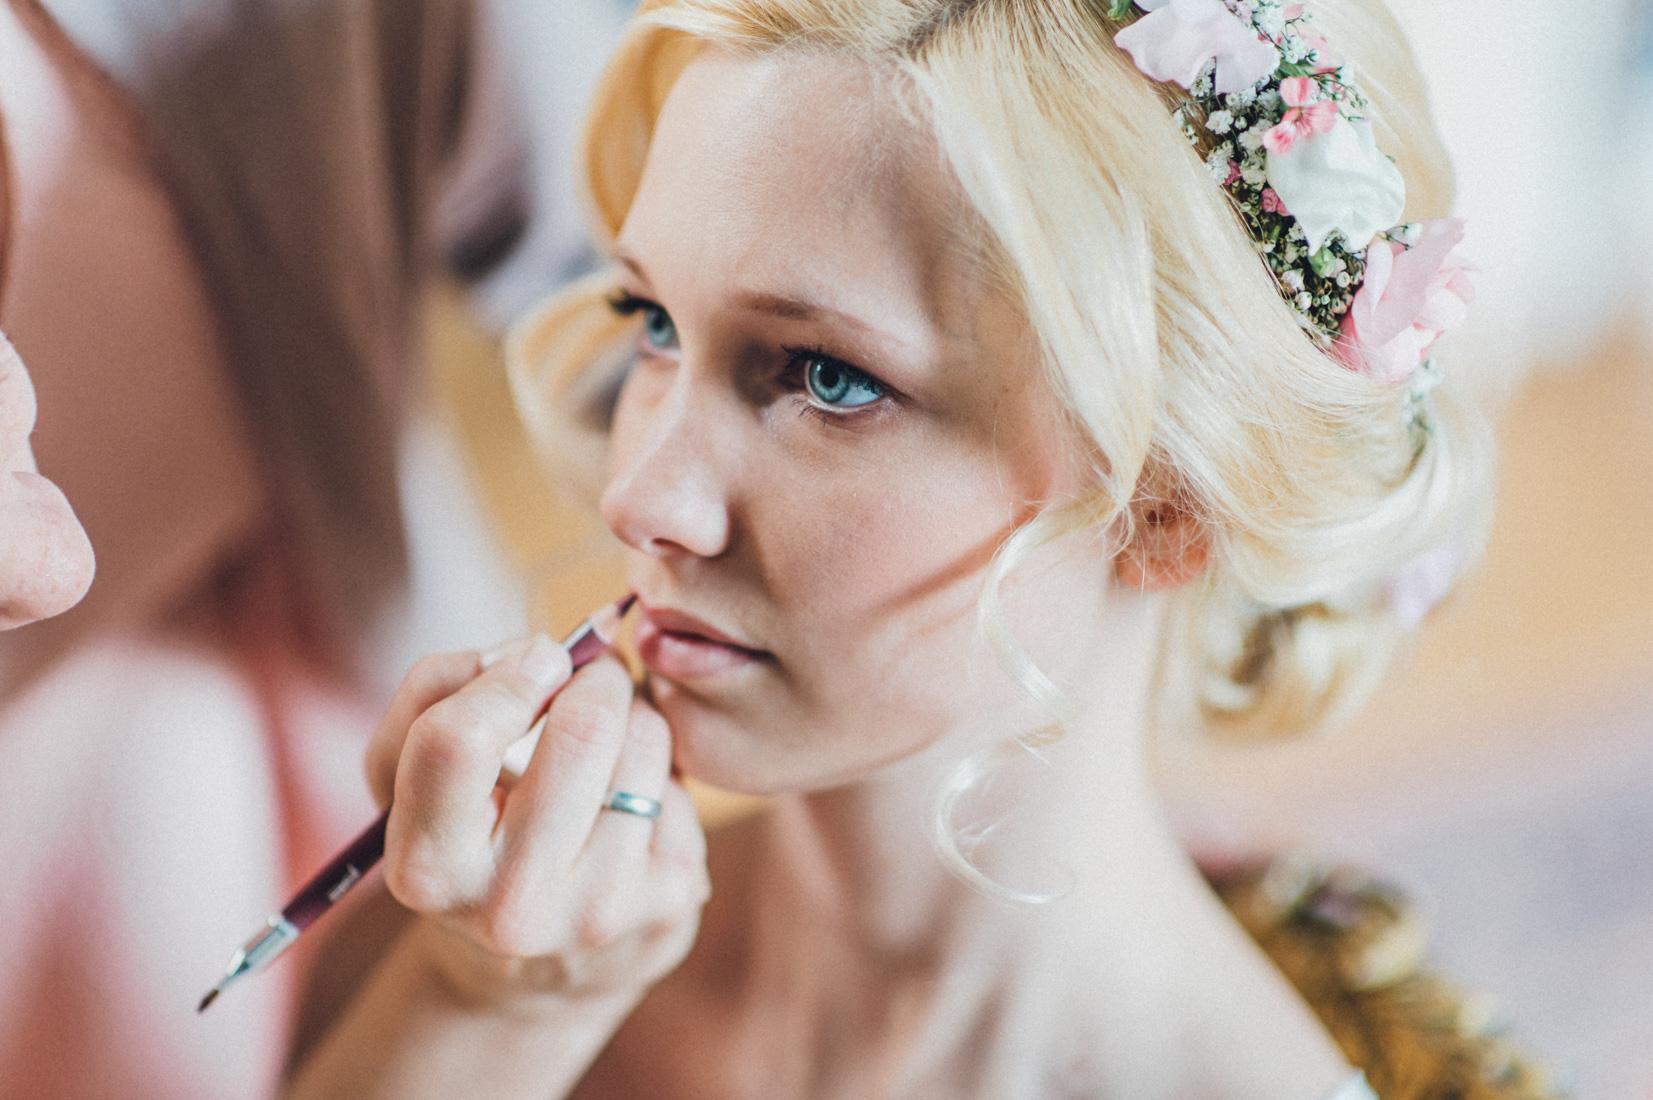 Hochzeitsfotograf Hochzeitsvideo NRW Hochzeitsfotograf Dsseldorf Kln Hochzeitsfotos